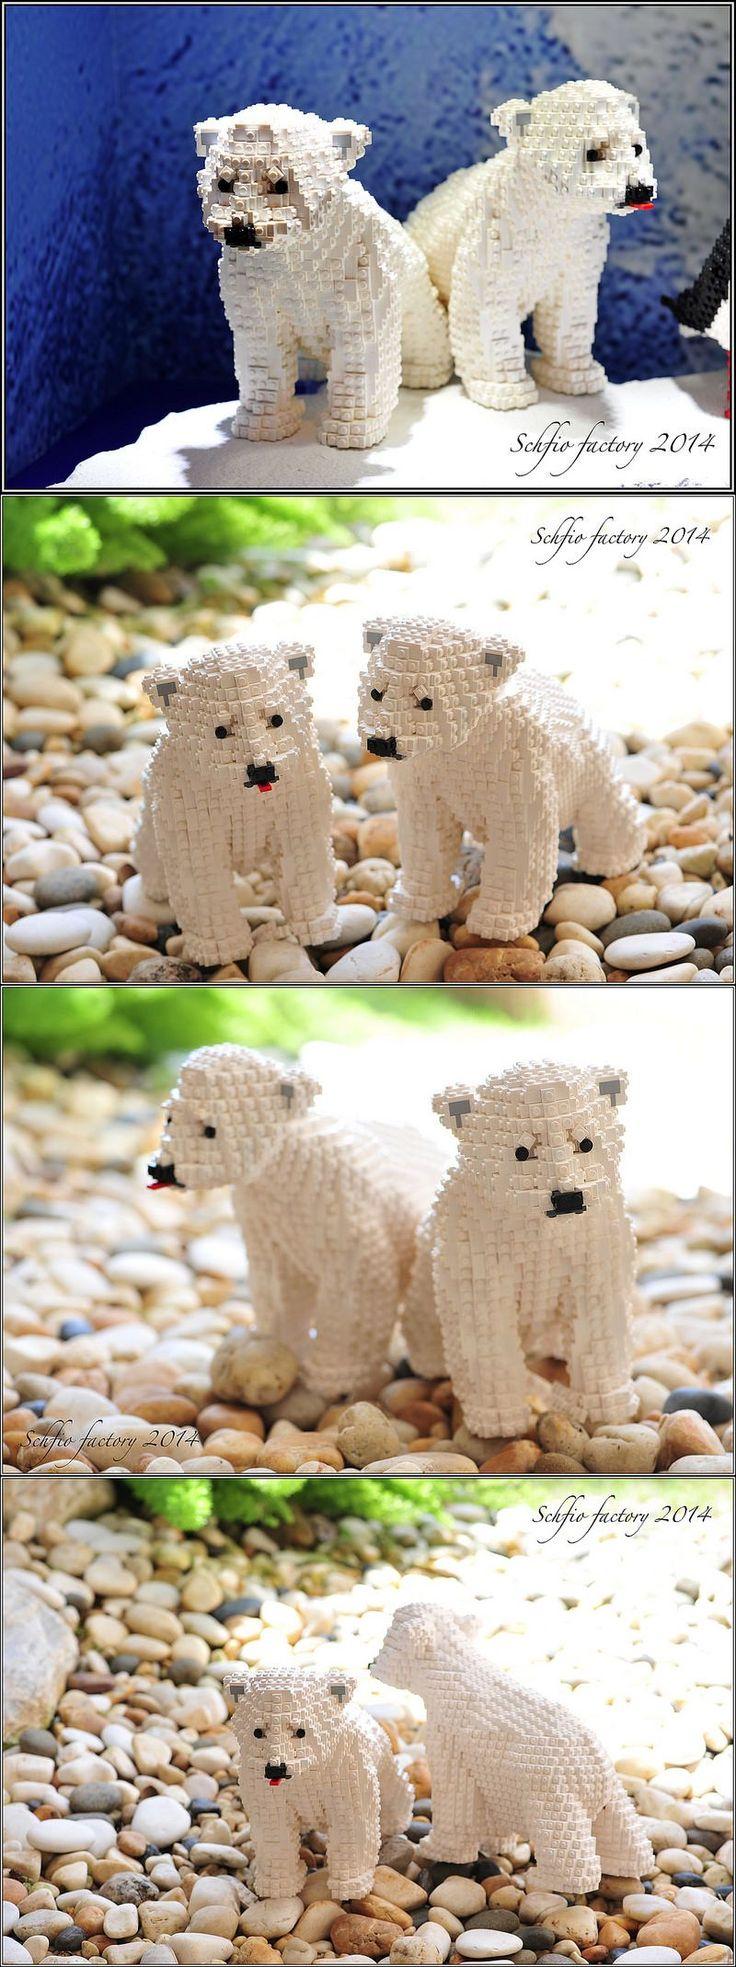 Polar Bear Cubs by Schfio on Flickr